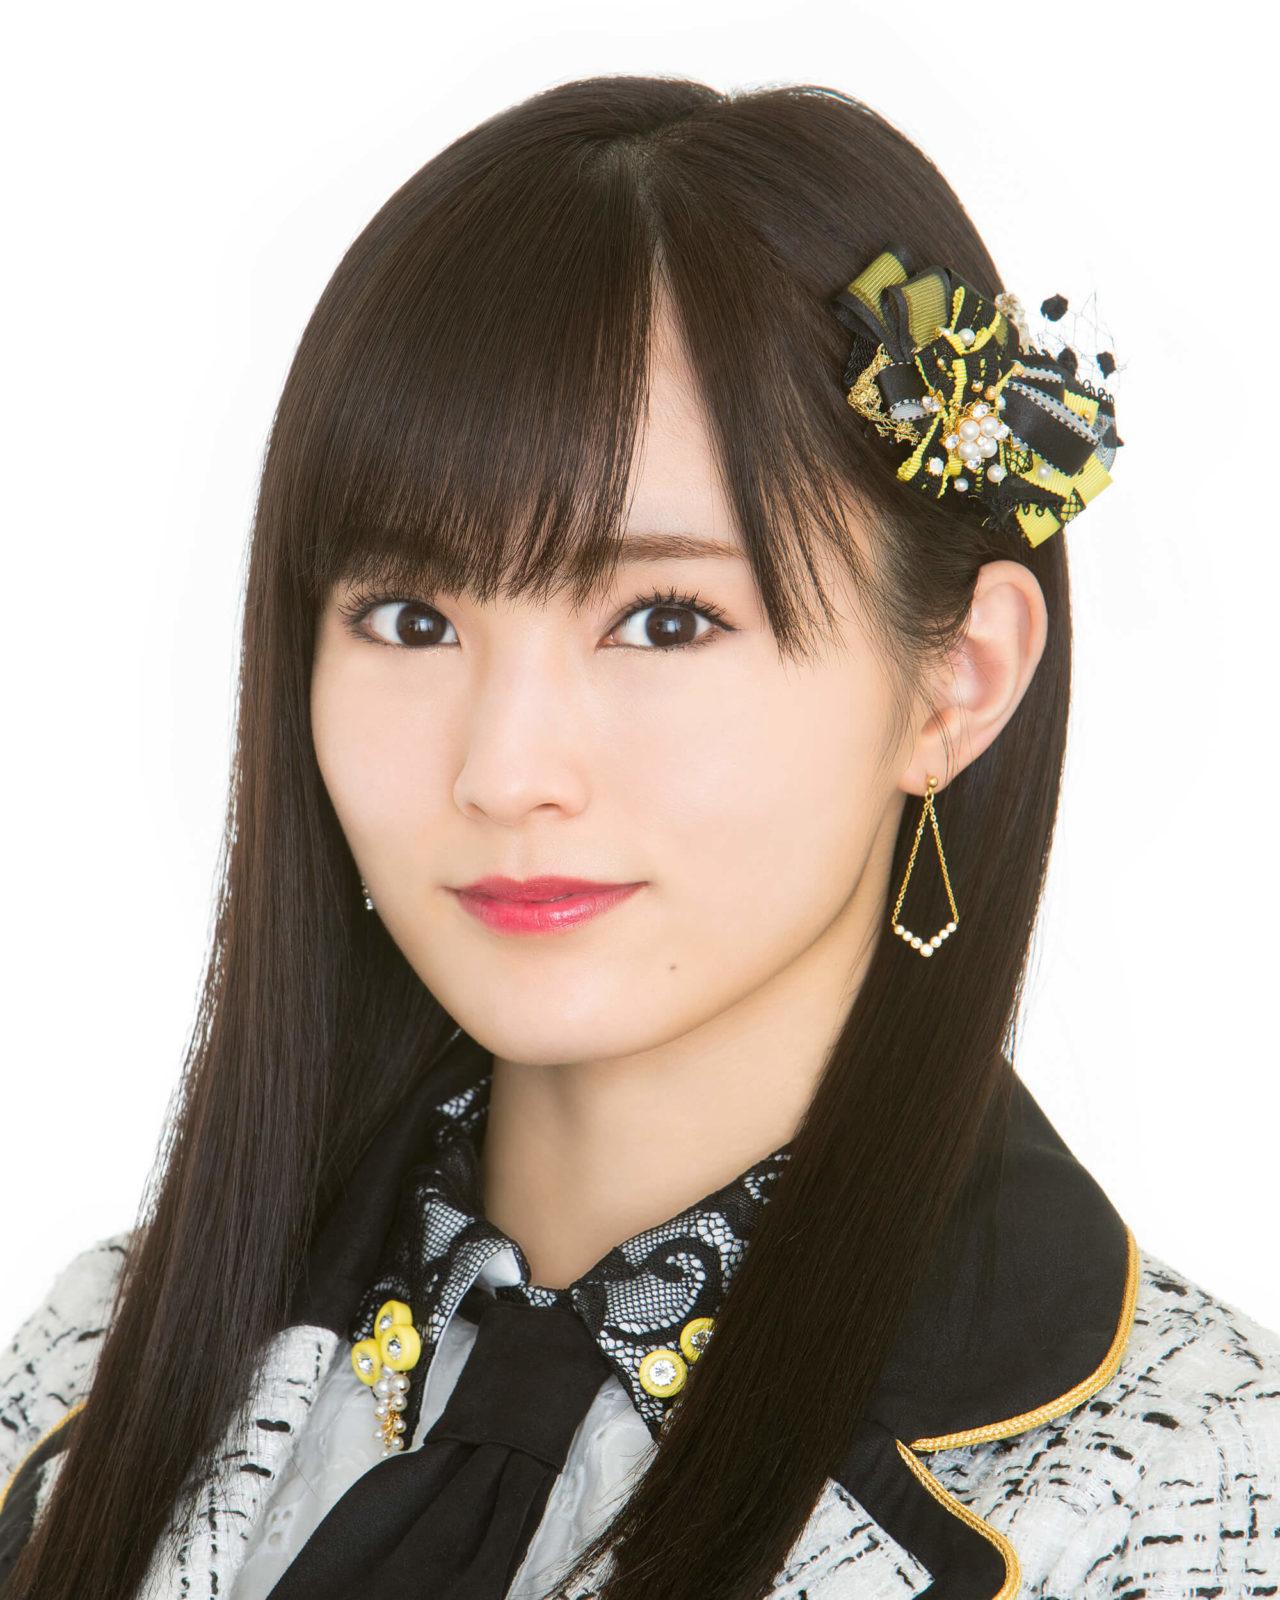 NMB48山本彩、卒業の決意は今年の5月ごろ「発表はいつしようかなくらい」